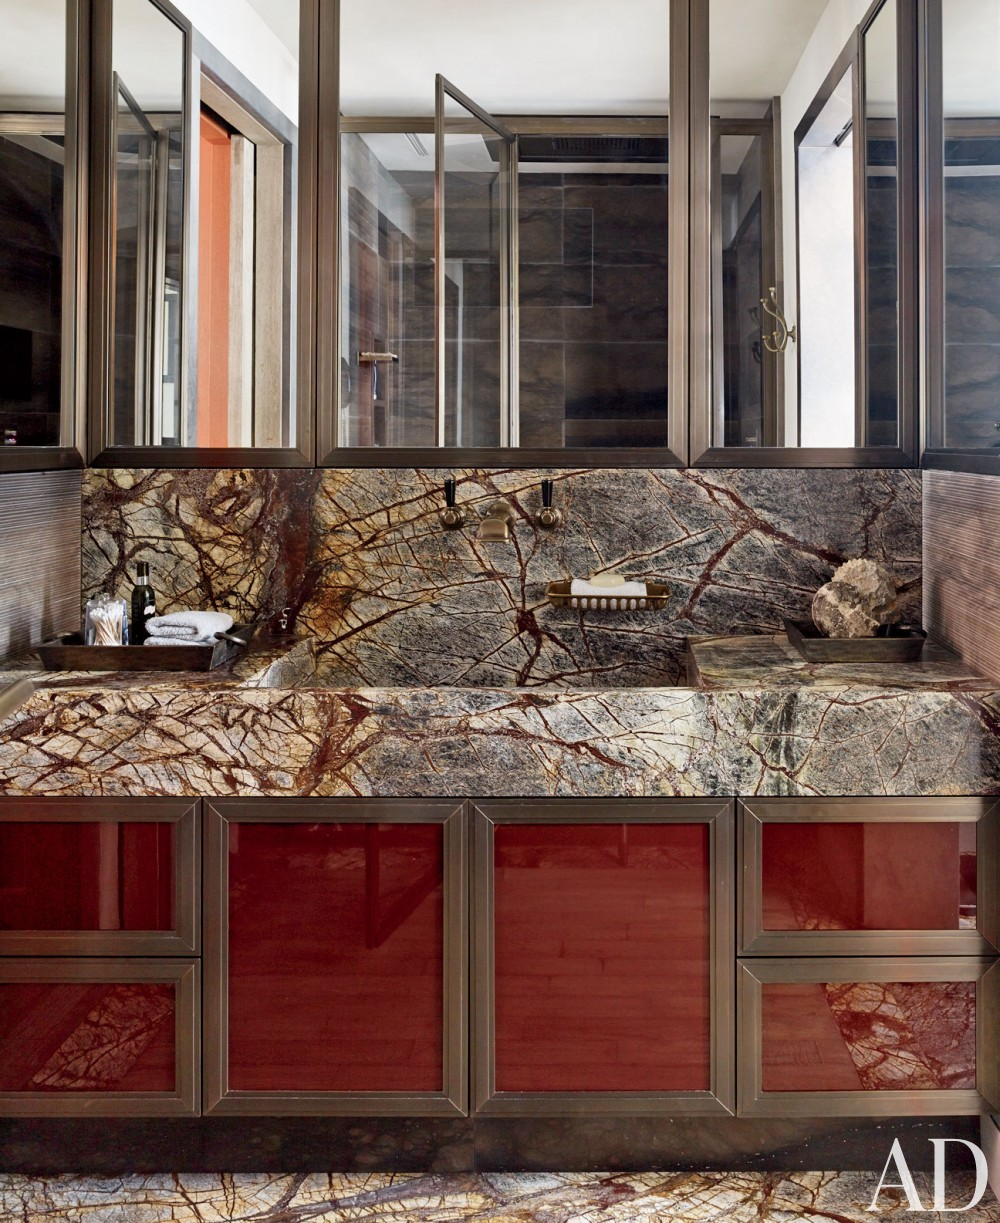 Rustic Bathroom by S. R. Gambrel Inc. and Mathis Meier Architekten in Zurich, Switzerland